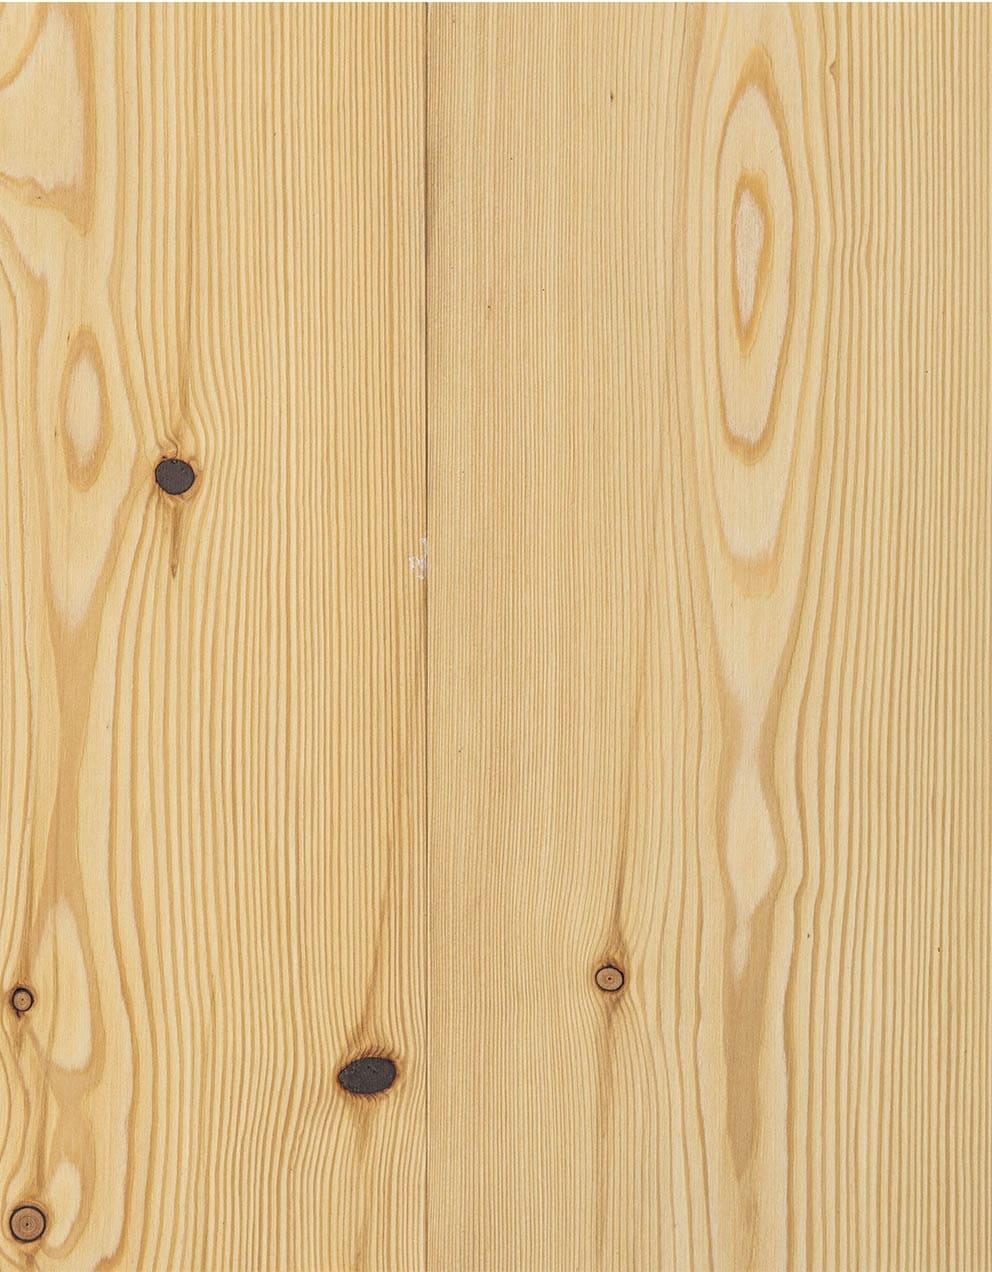 Tarima de madera Alerce natural. Detarima